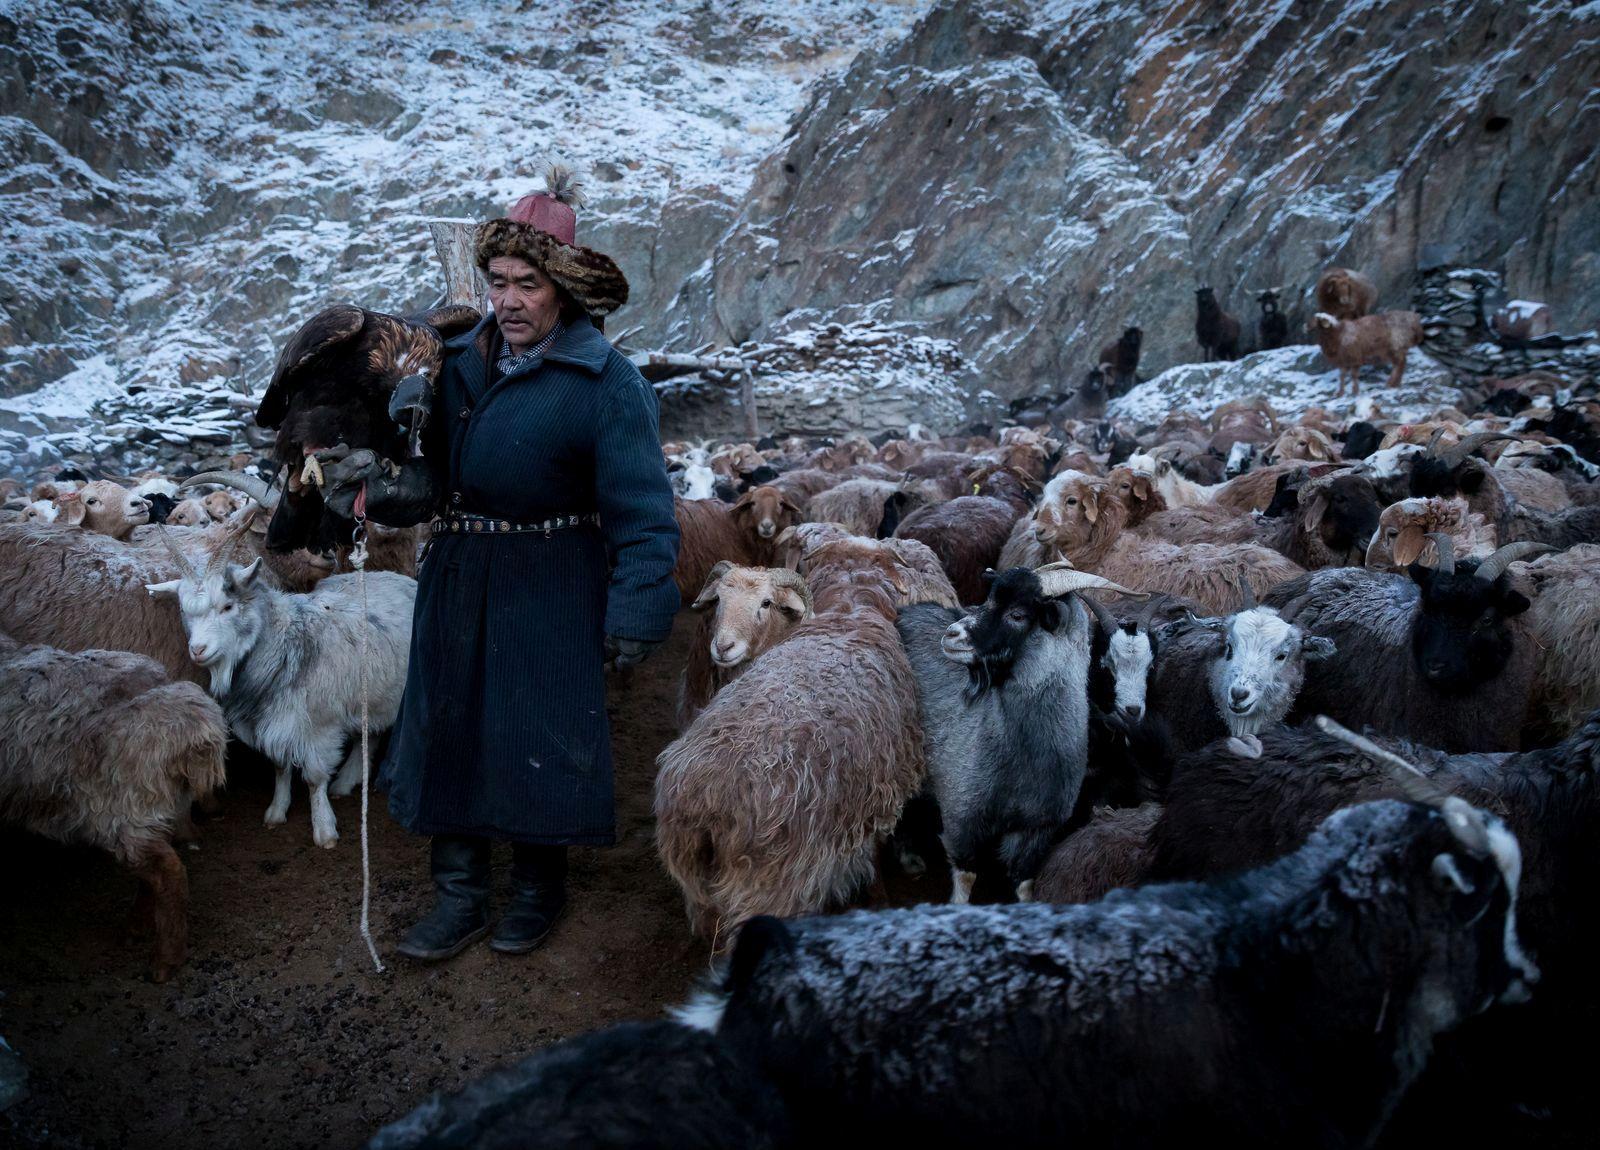 1__hamgardi_MONGOLIAN KAZAKH NOMAD